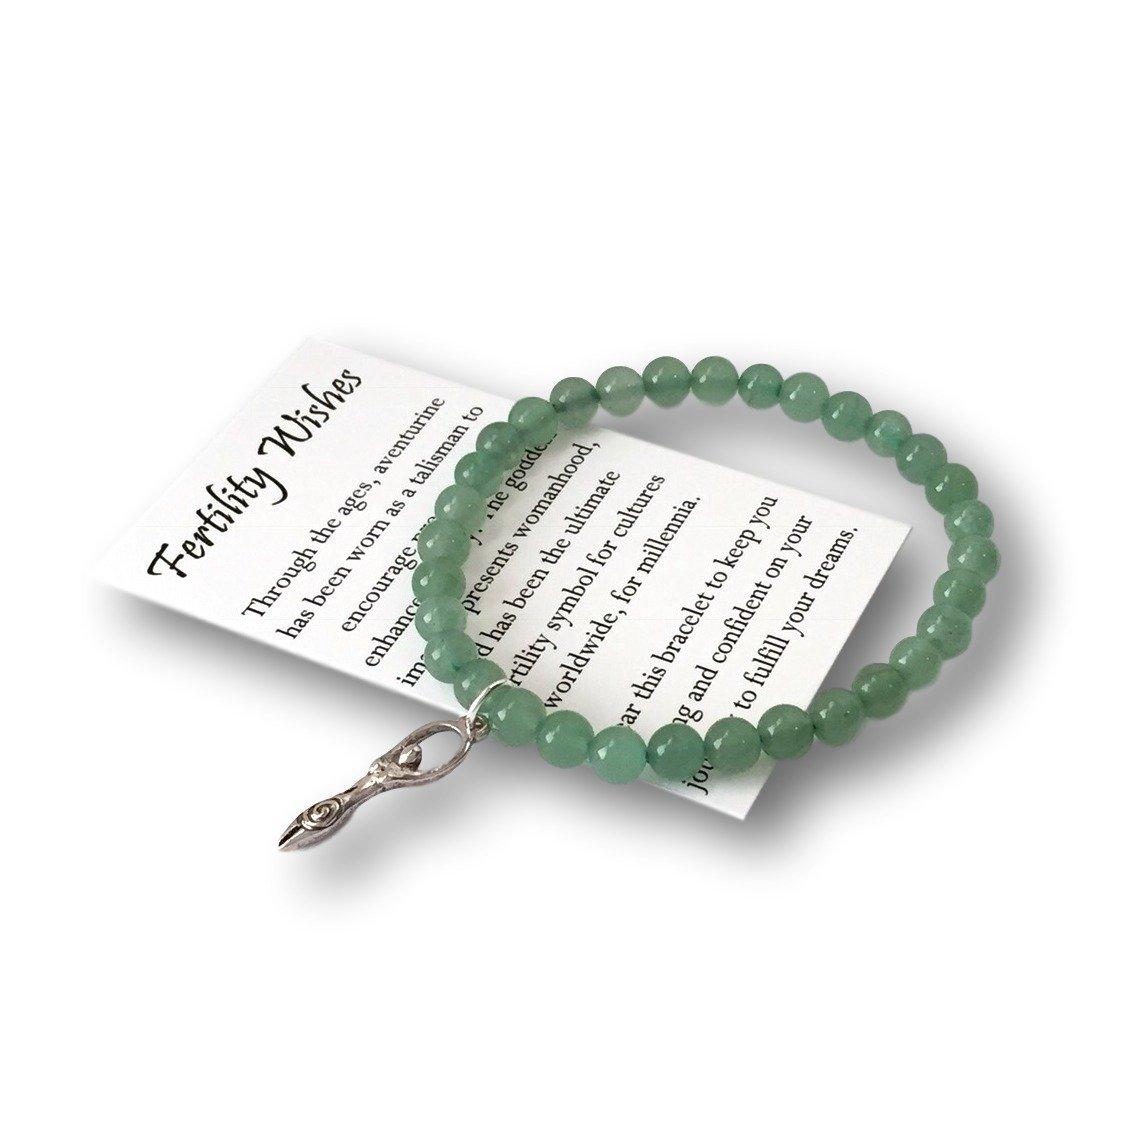 Amazon Nesting Nomad Collection Fertility Wishes Gift Bracelet